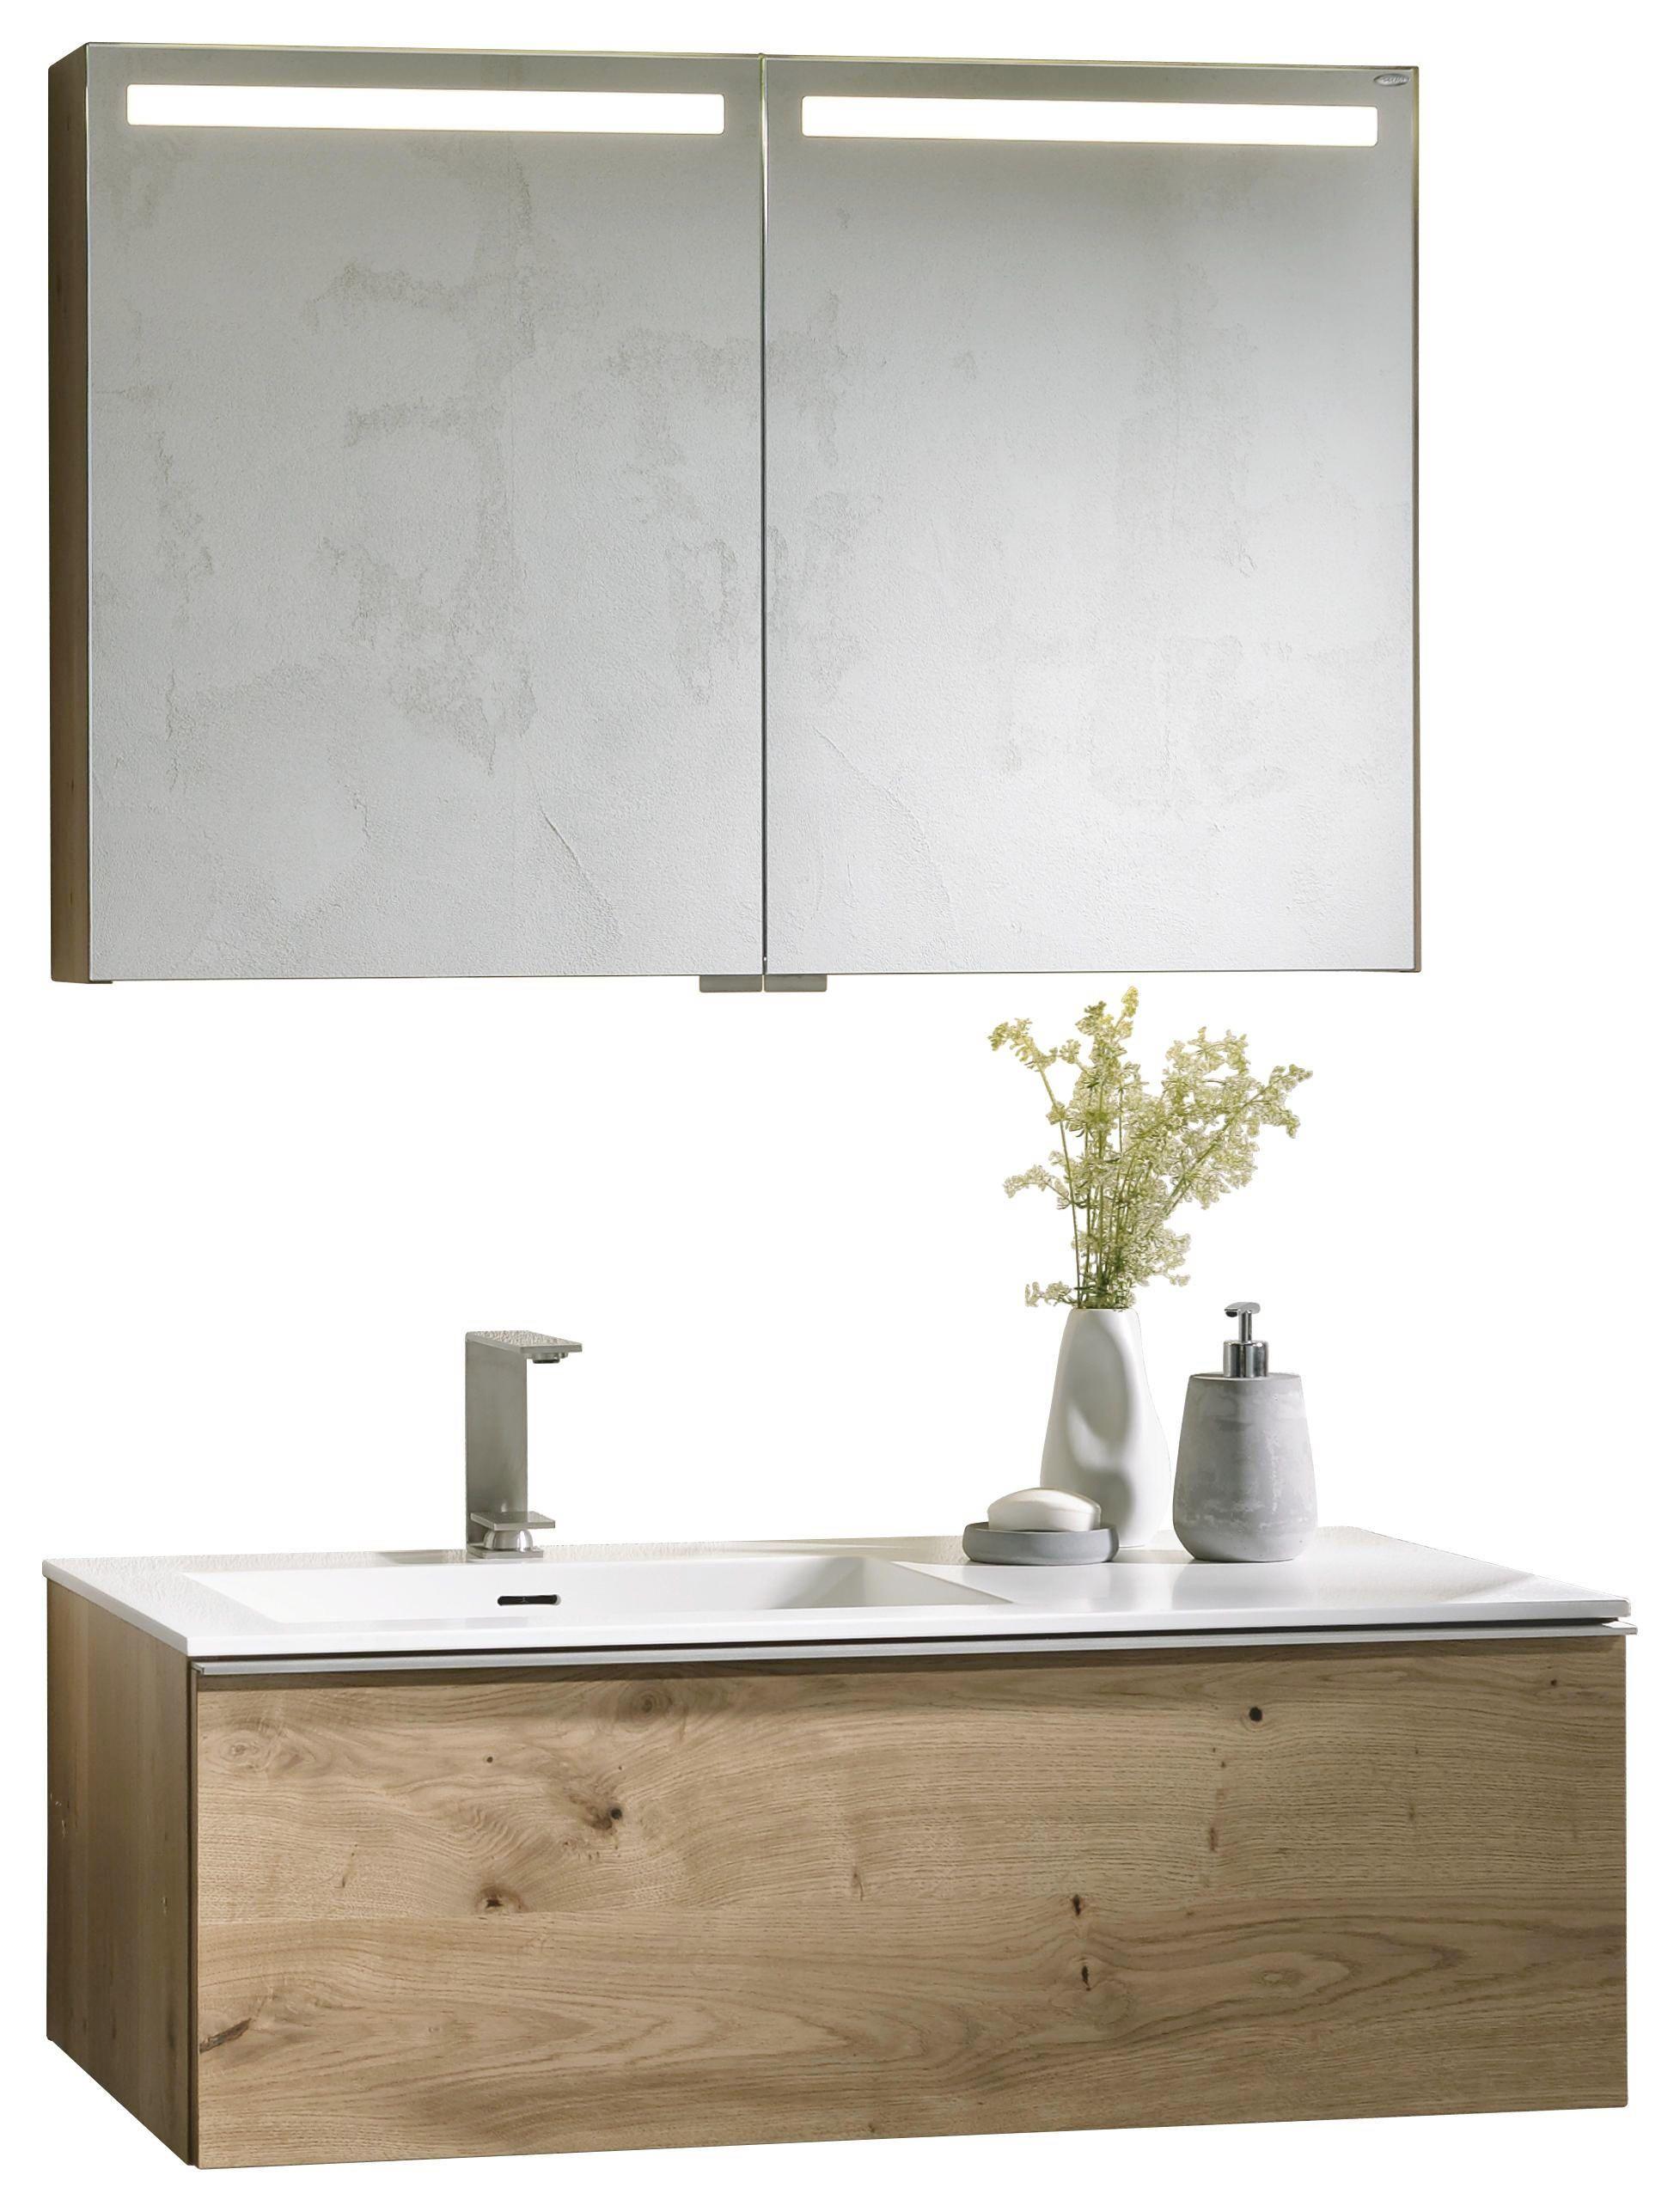 BADEZIMMER Eichefarben Badezimmer, Handtuchhalter